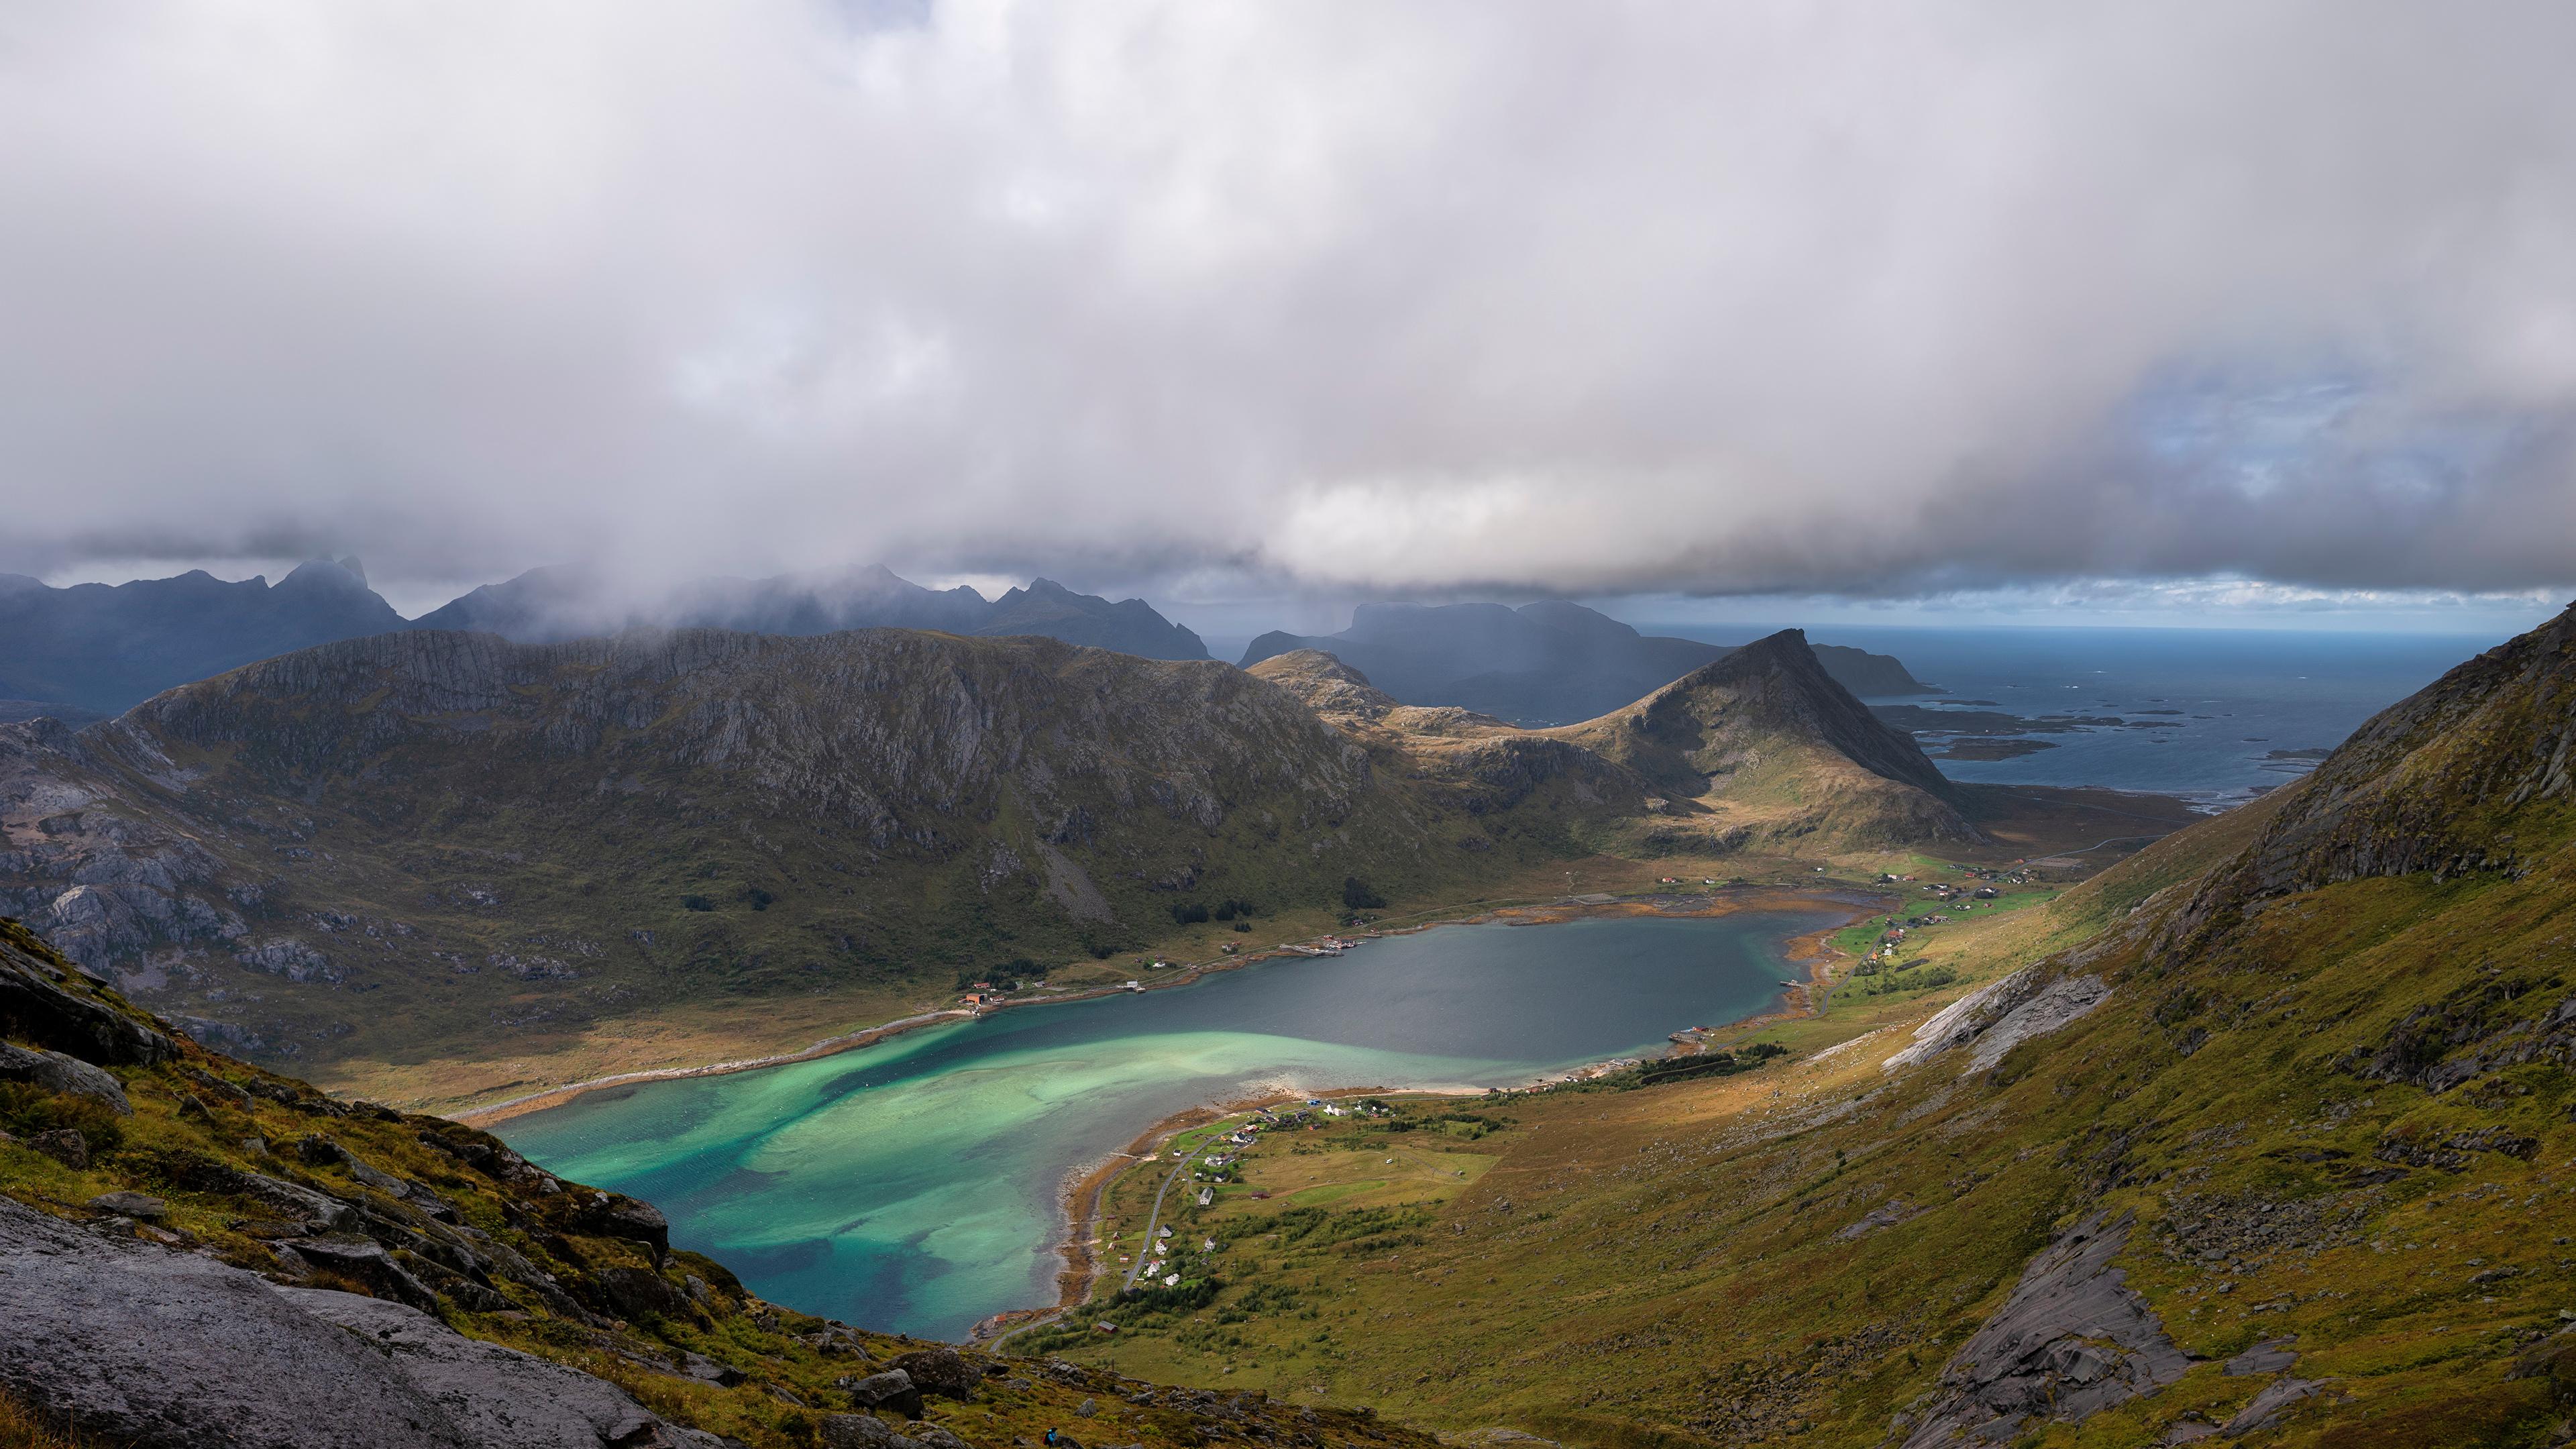 Fotos von Lofoten Norwegen Skjelfjorden Fjord Natur Gebirge Wolke 3840x2160 Berg